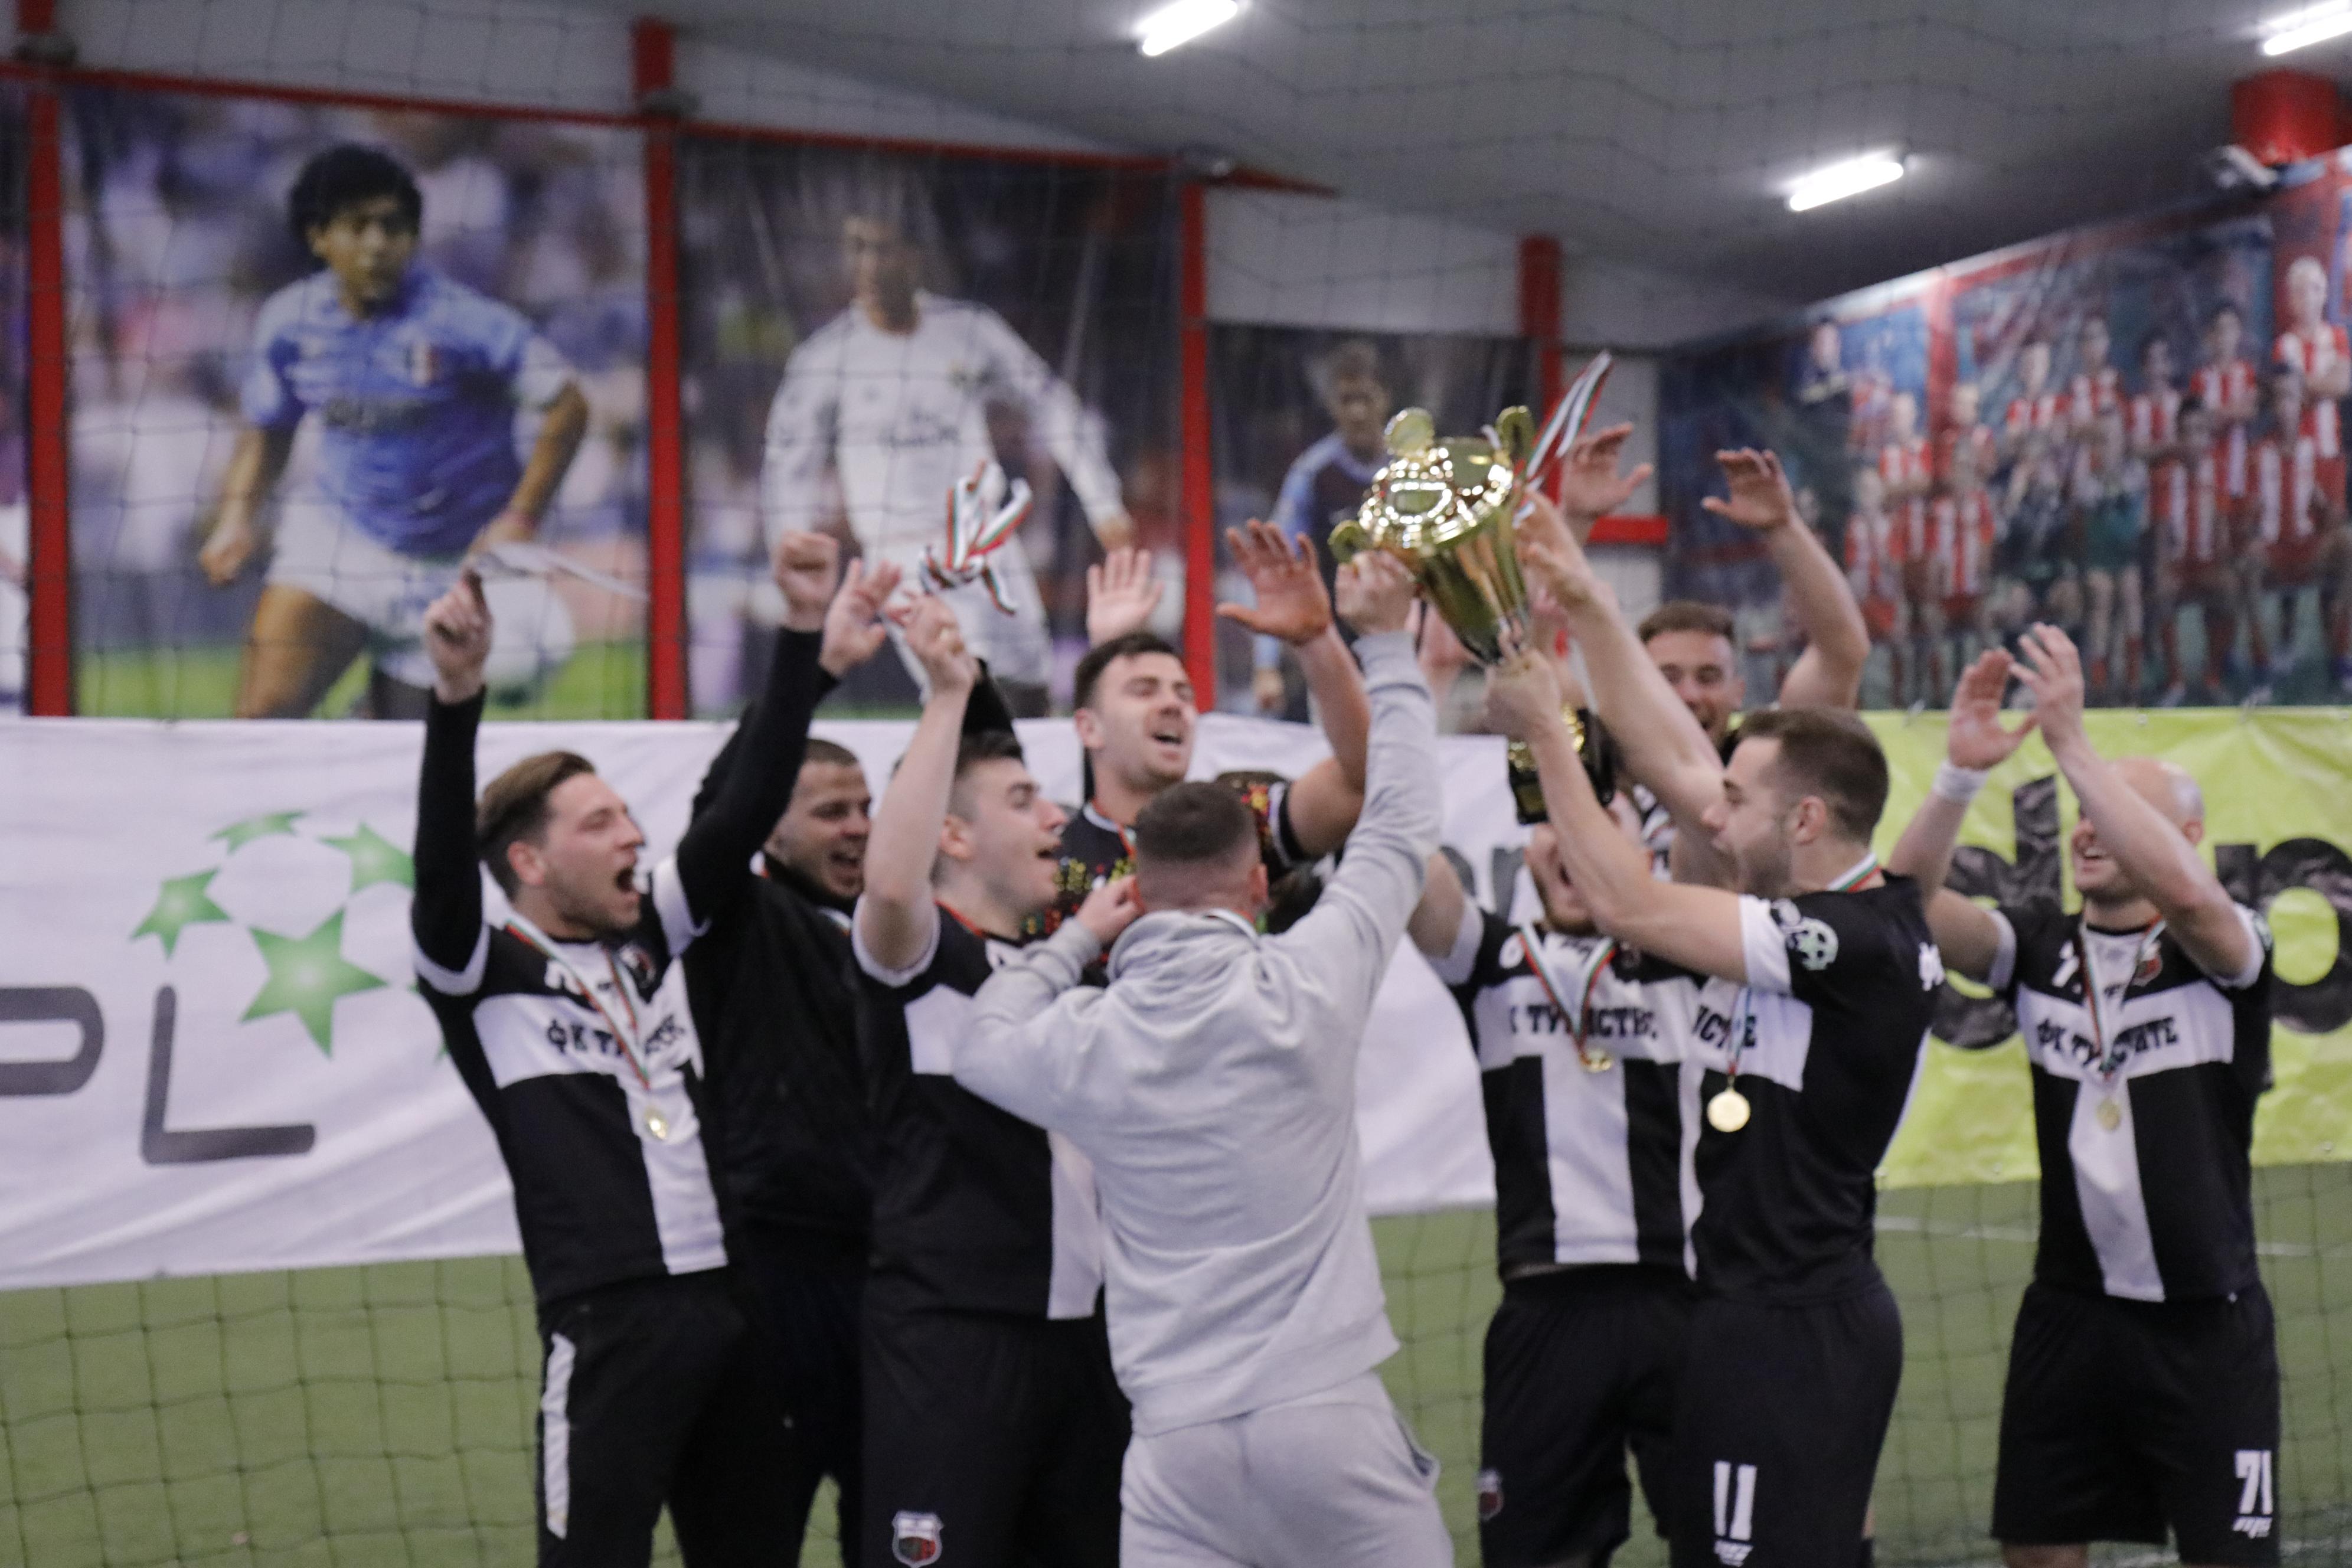 ФК Туристите грабнаха Купа Втори шанс след свирепа битка с БСЖ